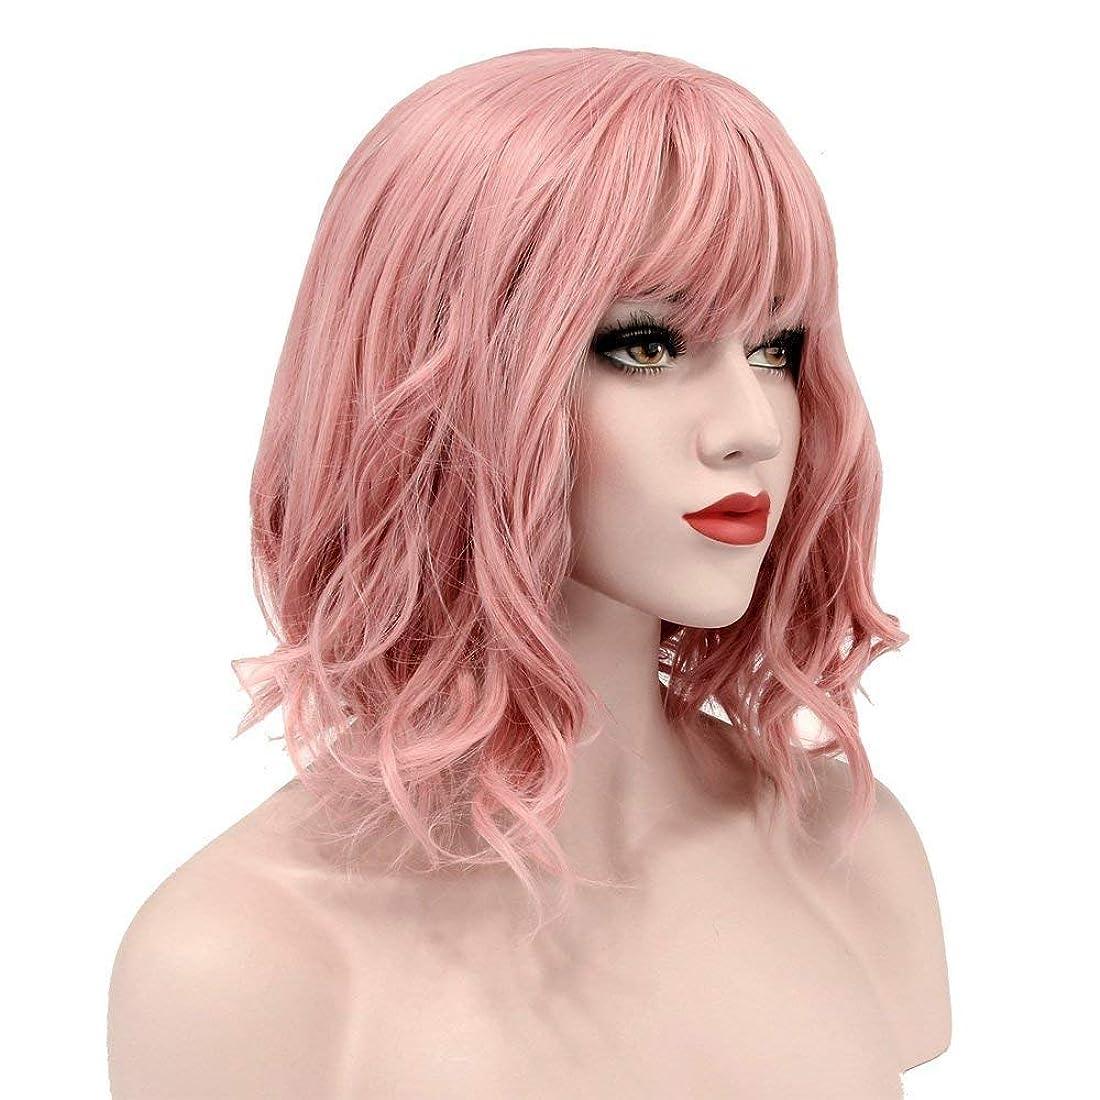 ペデスタル同様にゴールデン女性のための耐熱性高密度のコスプレ自然な髪型のためのかつらロングウェーブ合成かつら